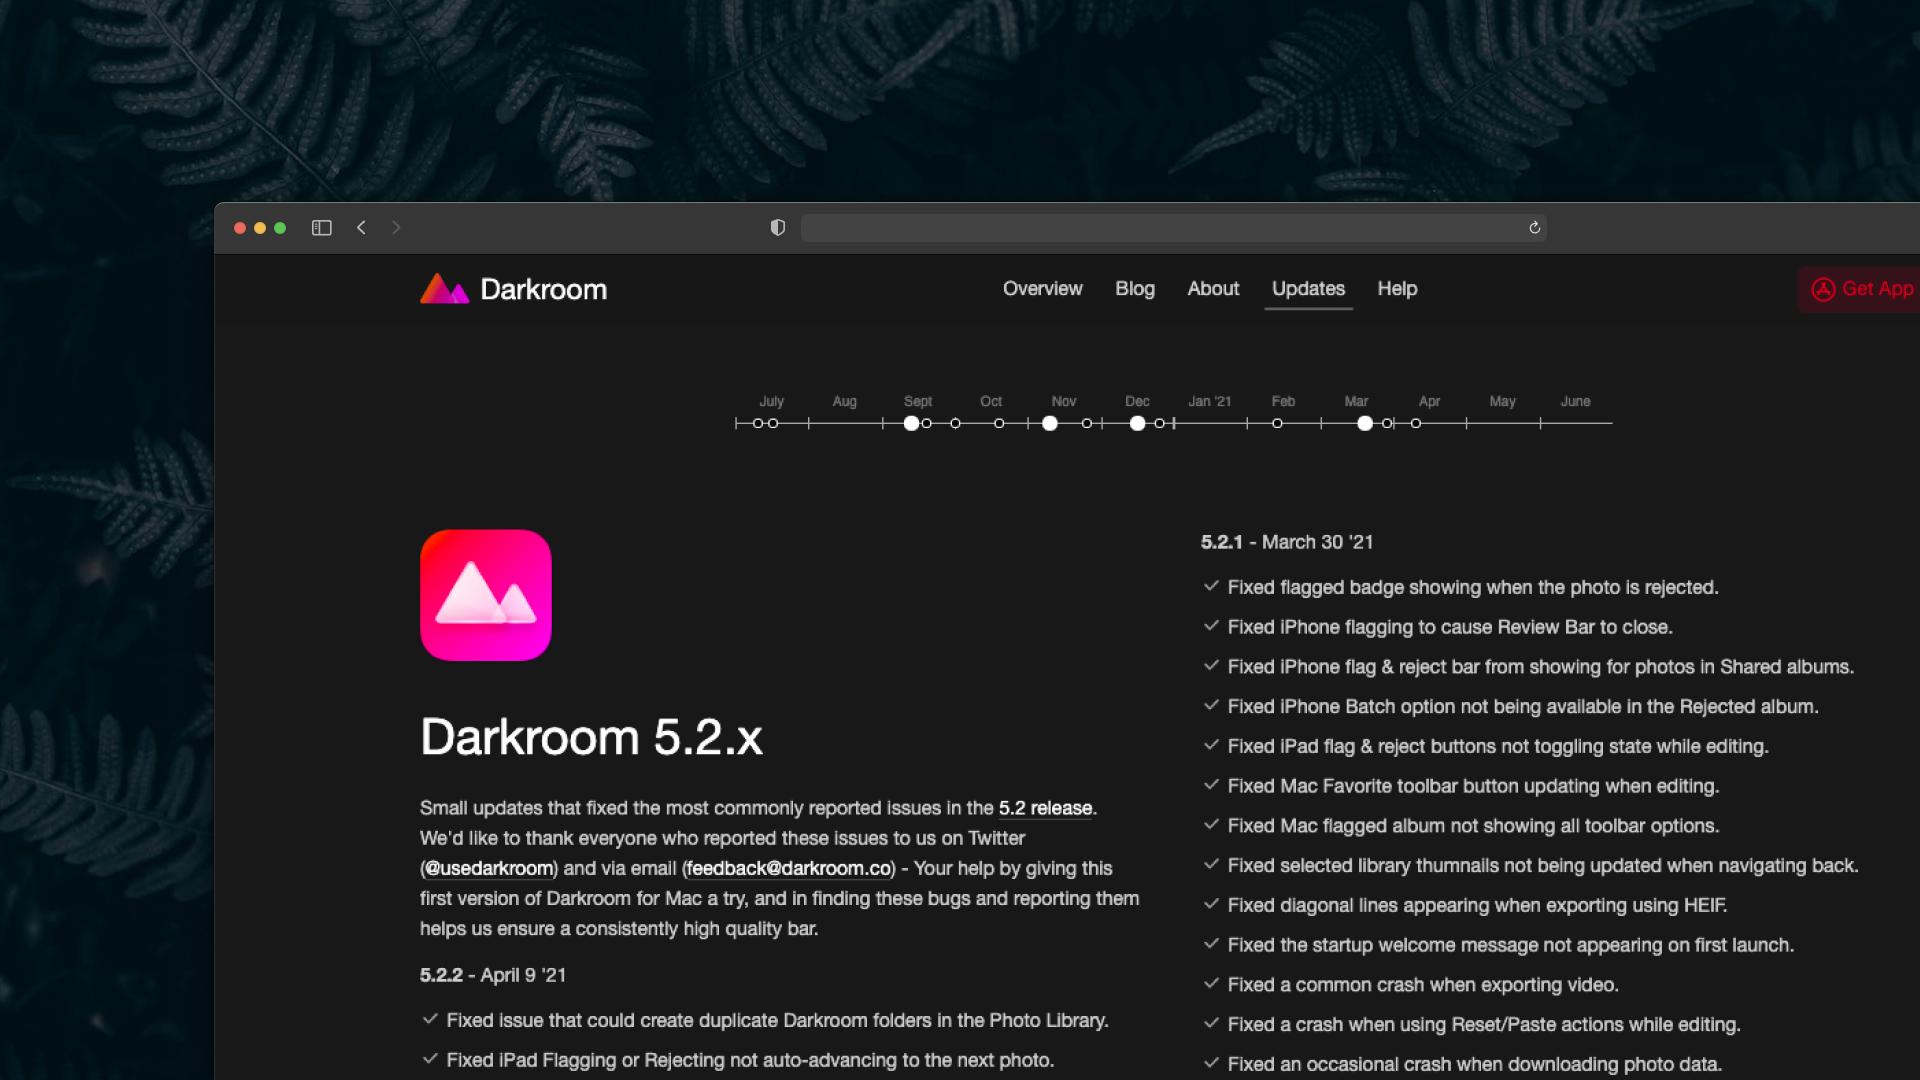 Darkroom Changelog Screenshot